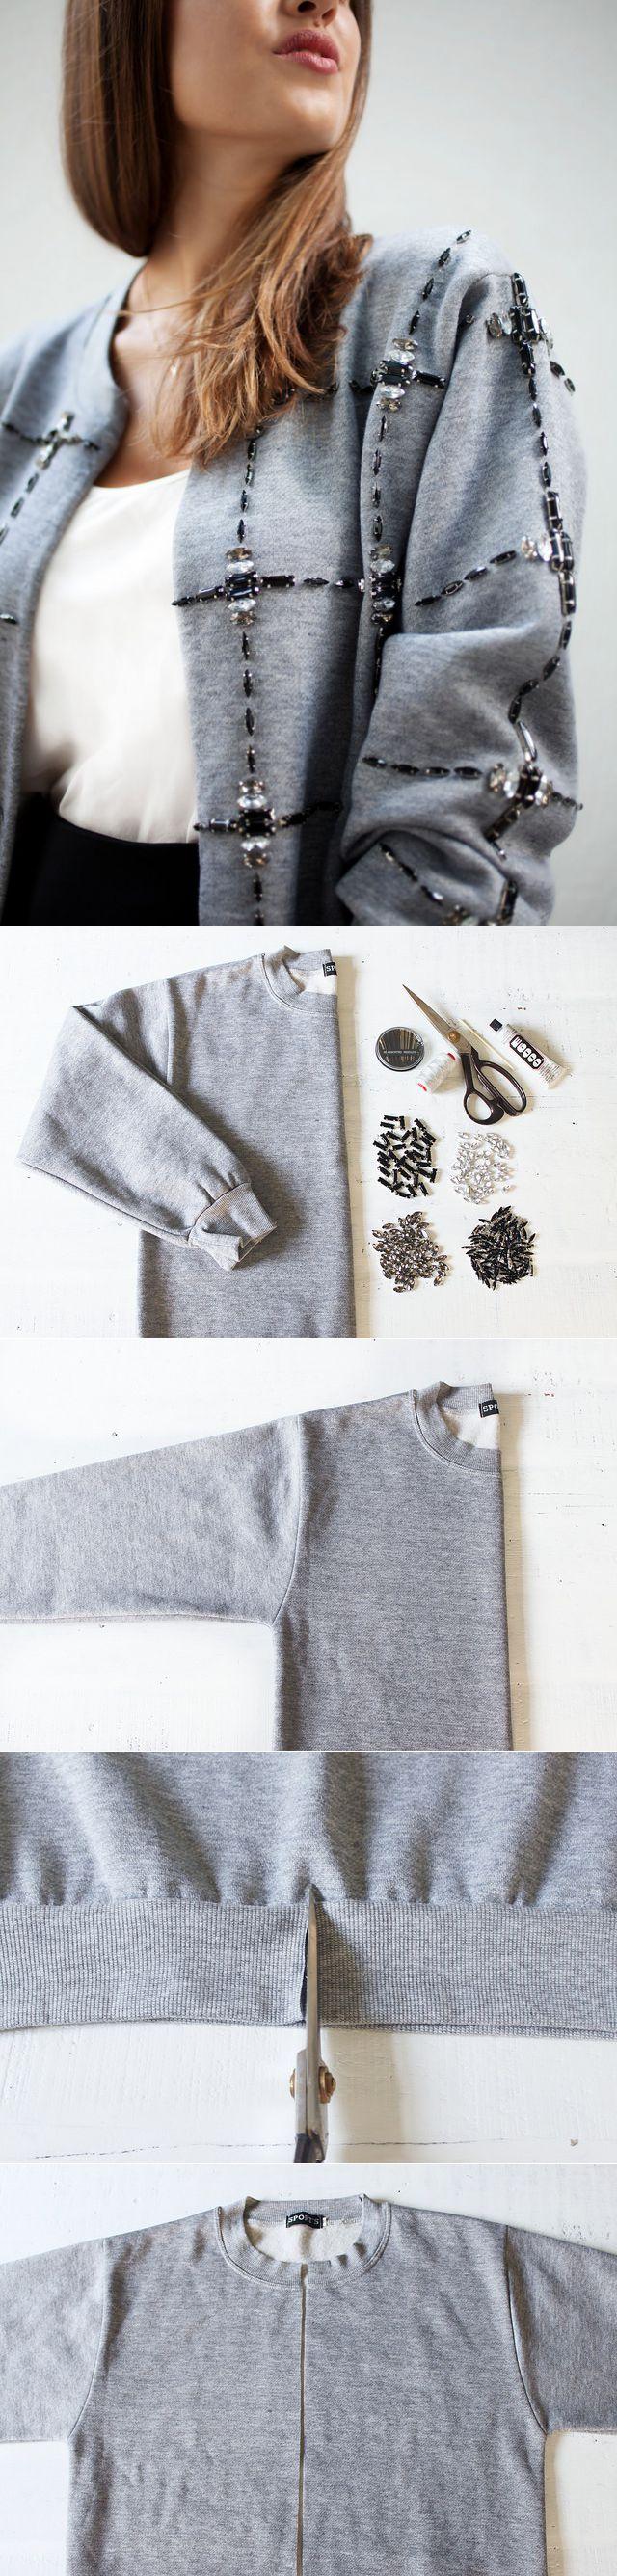 Вторая жизнь старой одежды своими руками фото 813